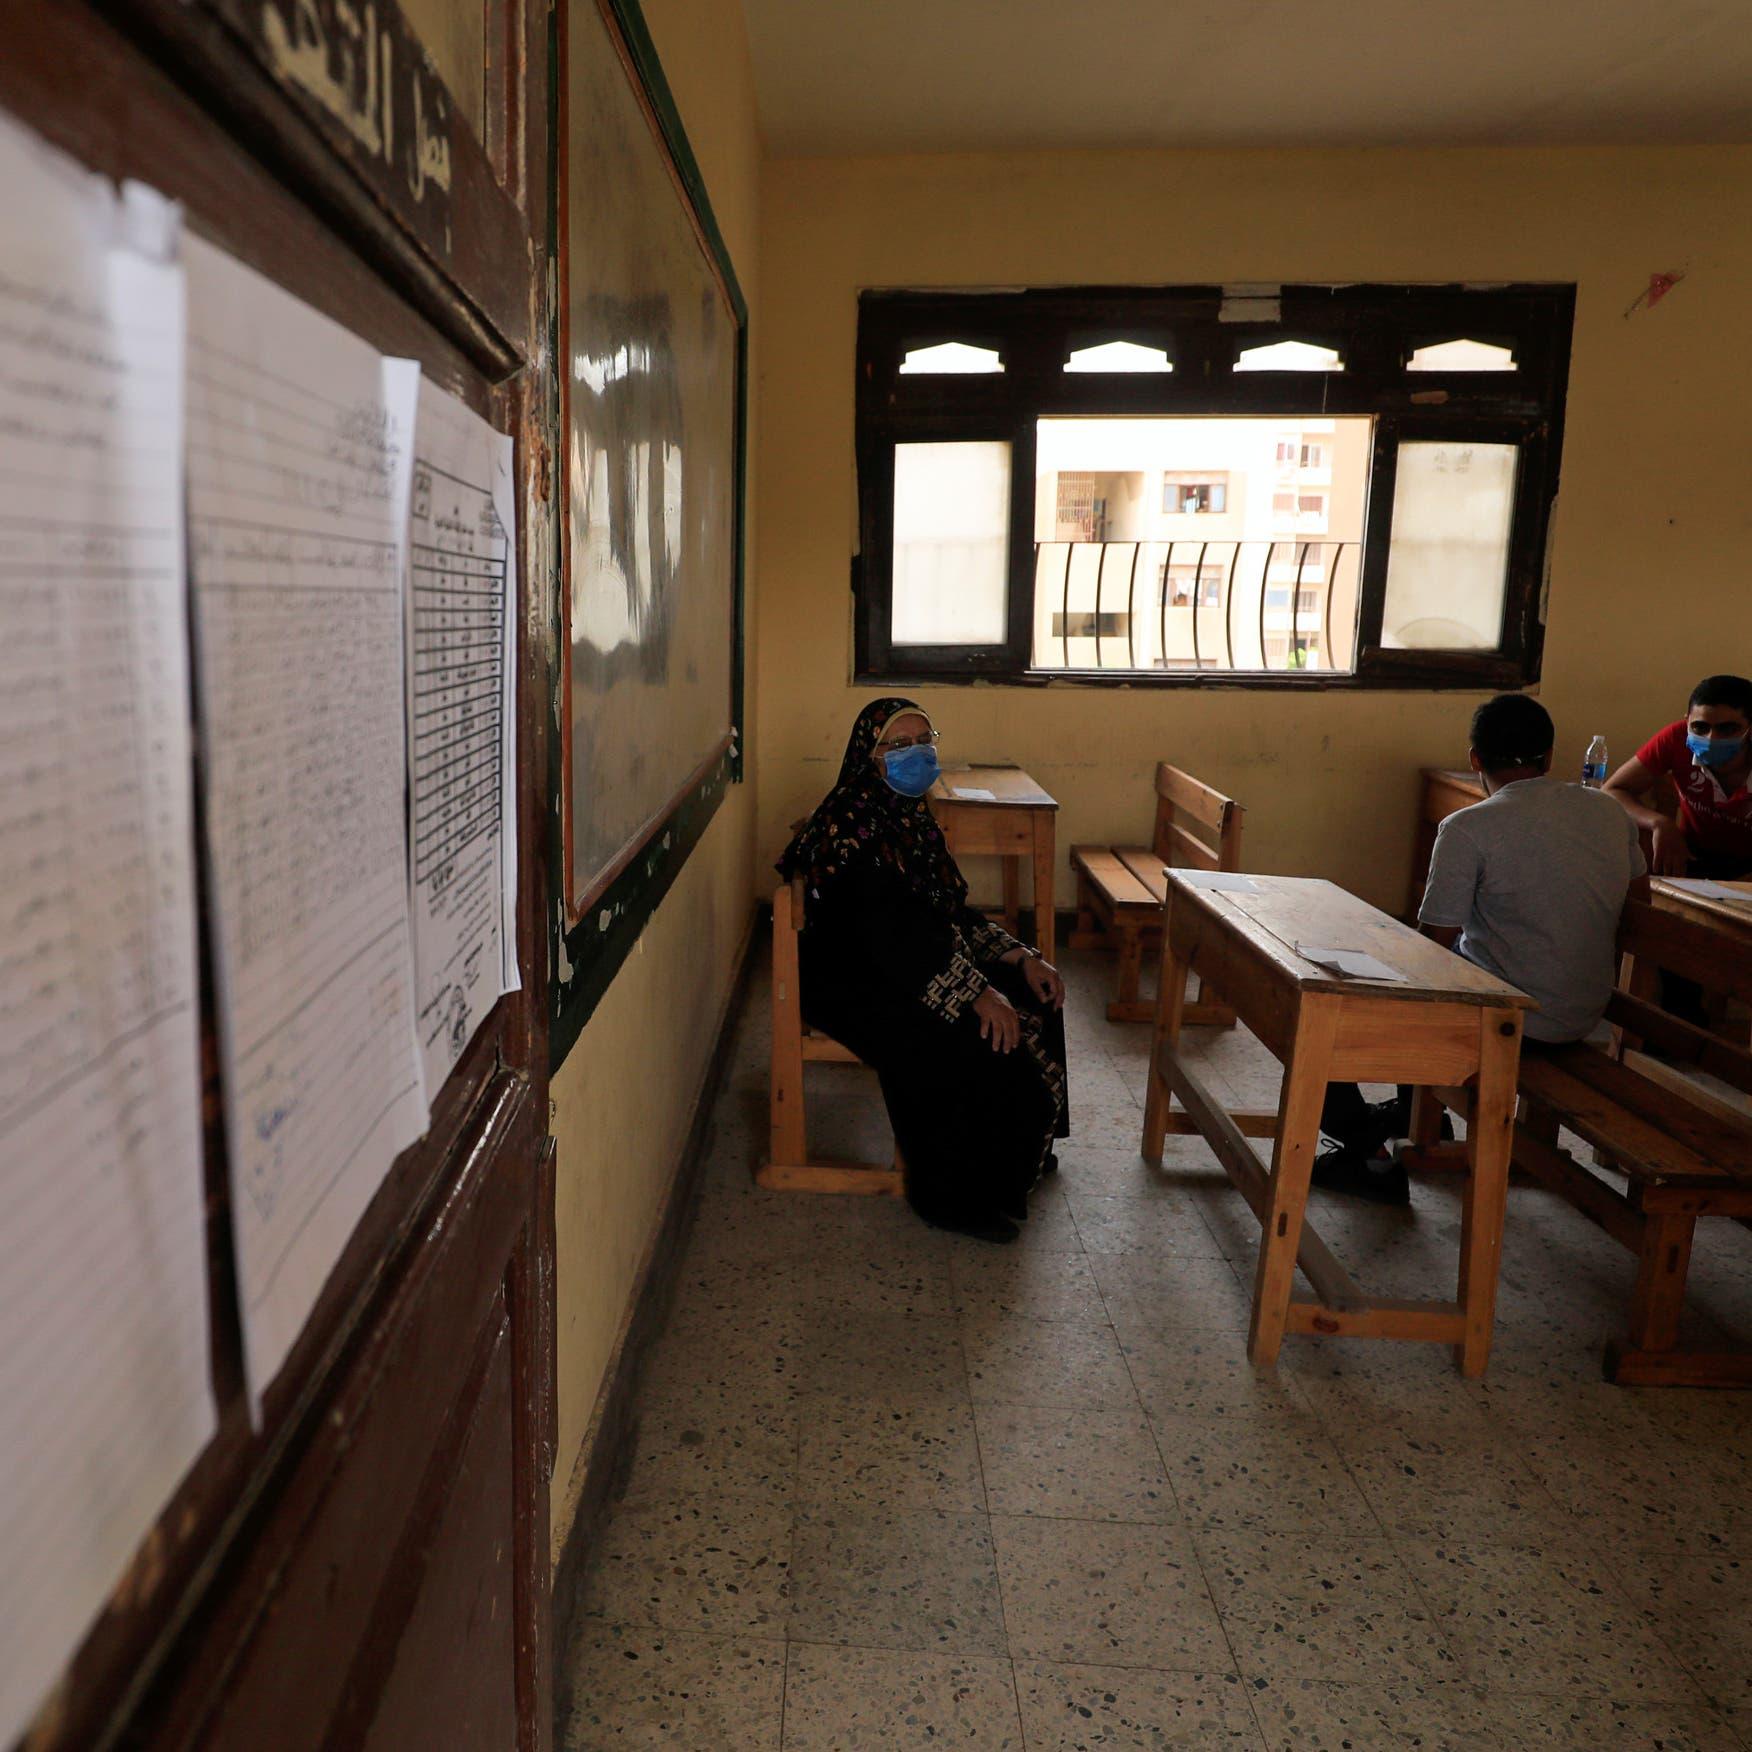 تخفيض الكثافة في الفصول مع عودة الدراسة بظل كورونا في مصر